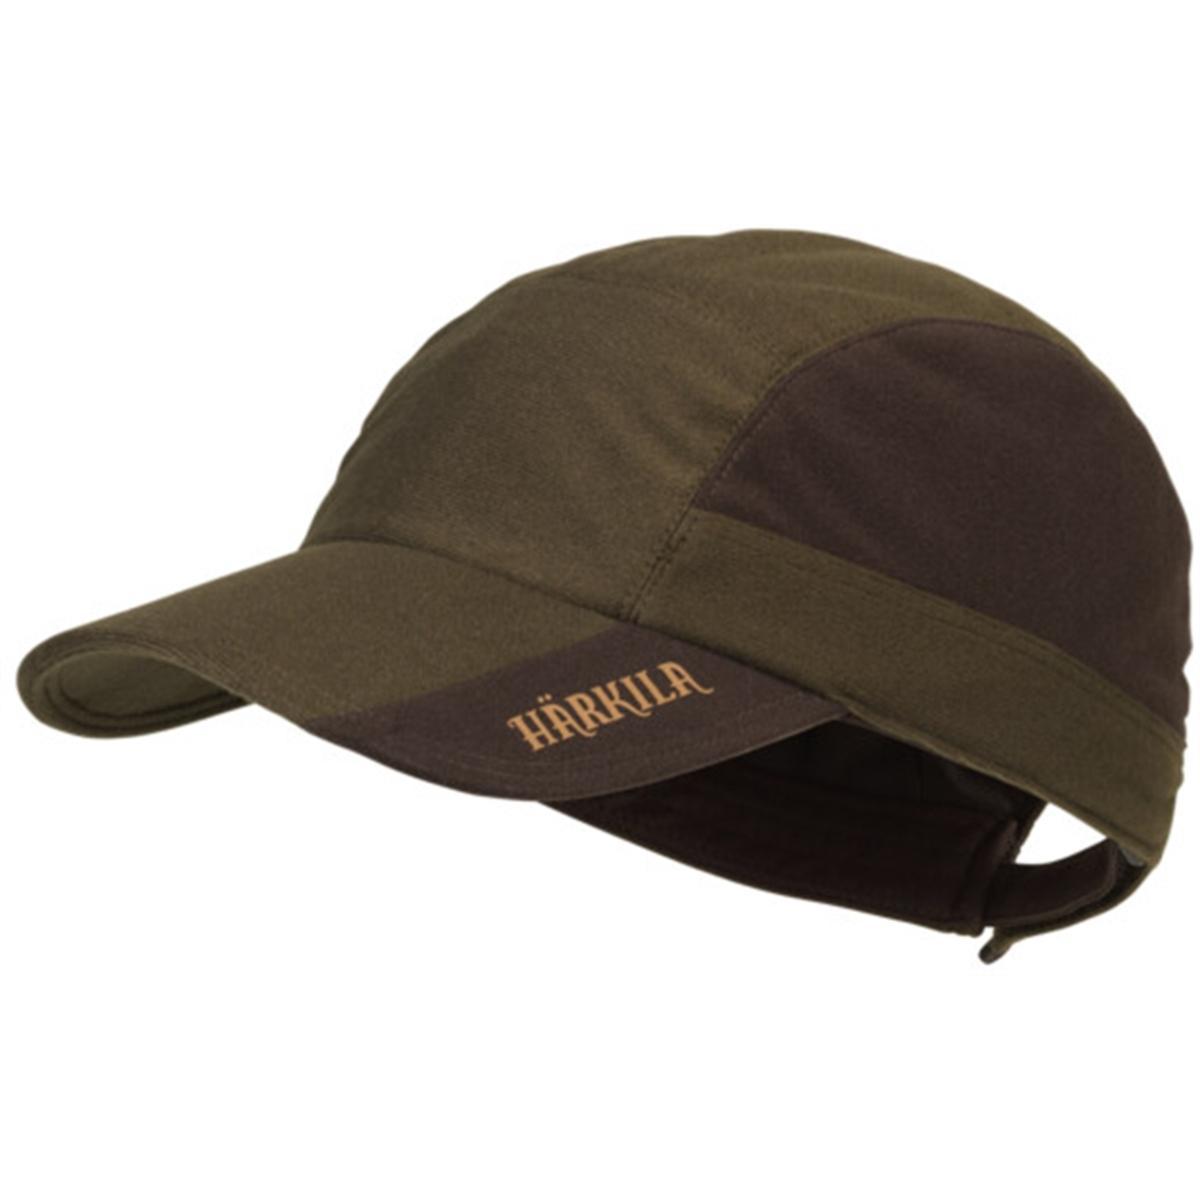 in arrivo stile limitato stile limitato Dettagli su Harkila Mountain Cacciatore Cappello - Caccia Verde / Ombra  Marrone Verde Verde